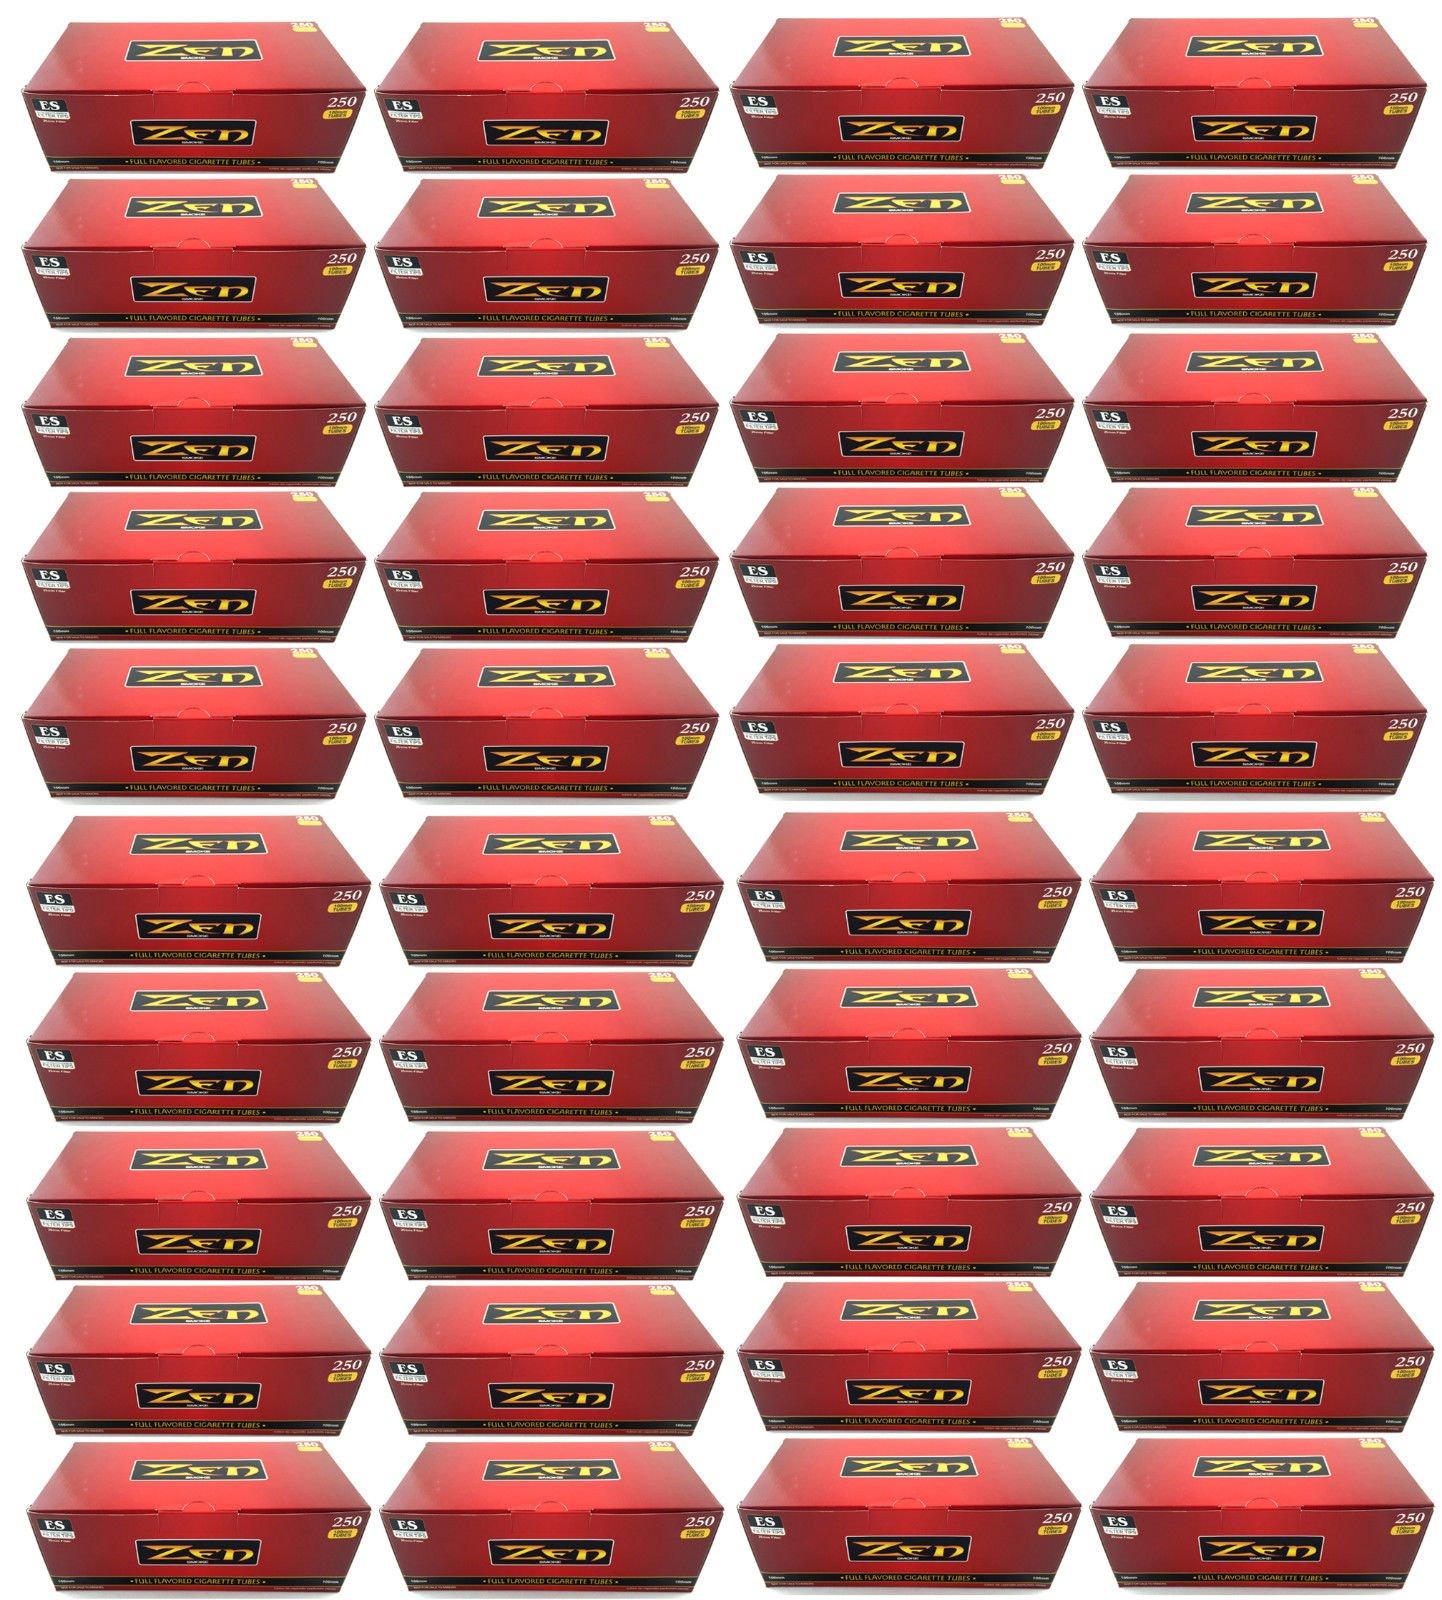 Zen Smoke Full Flavor 100 mm 100's Cigarette Filter Tubes (40)